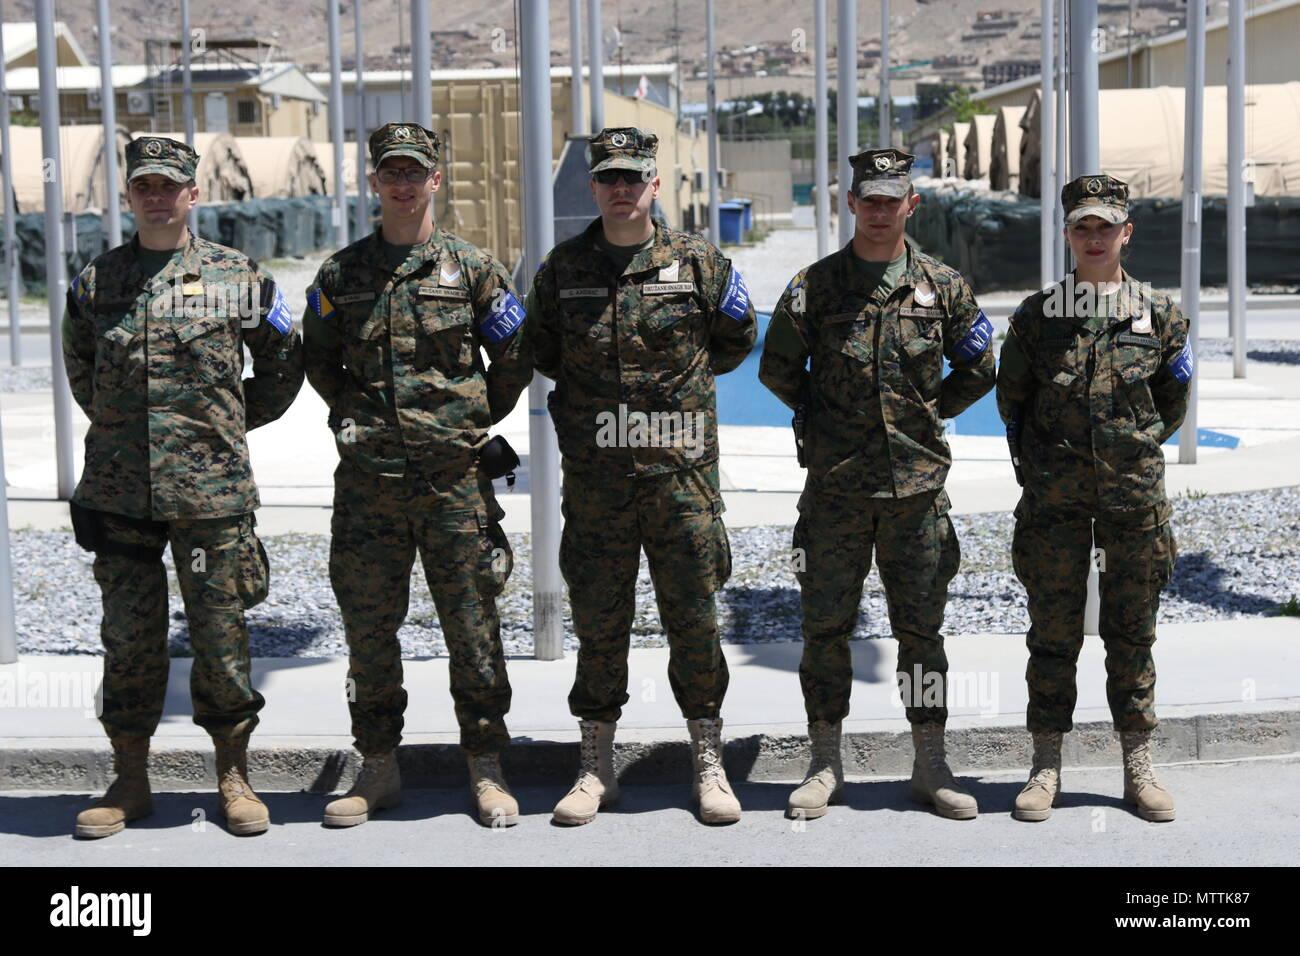 Kaboul, Afghanistan (mai 27, 2018) - La Police militaire internationale de la Bosnie-Herzégovine posent pour une photo de groupe à l'Aéroport International d'Hamid Karzaï, le 27 mai 2018. La Bosnie-et-Herzégovine sont l'une des 39 nations qui jouent un rôle important dans l'appui résolu de l'OTAN mission. (Appui résolu photo de Jordanie Belser) Banque D'Images